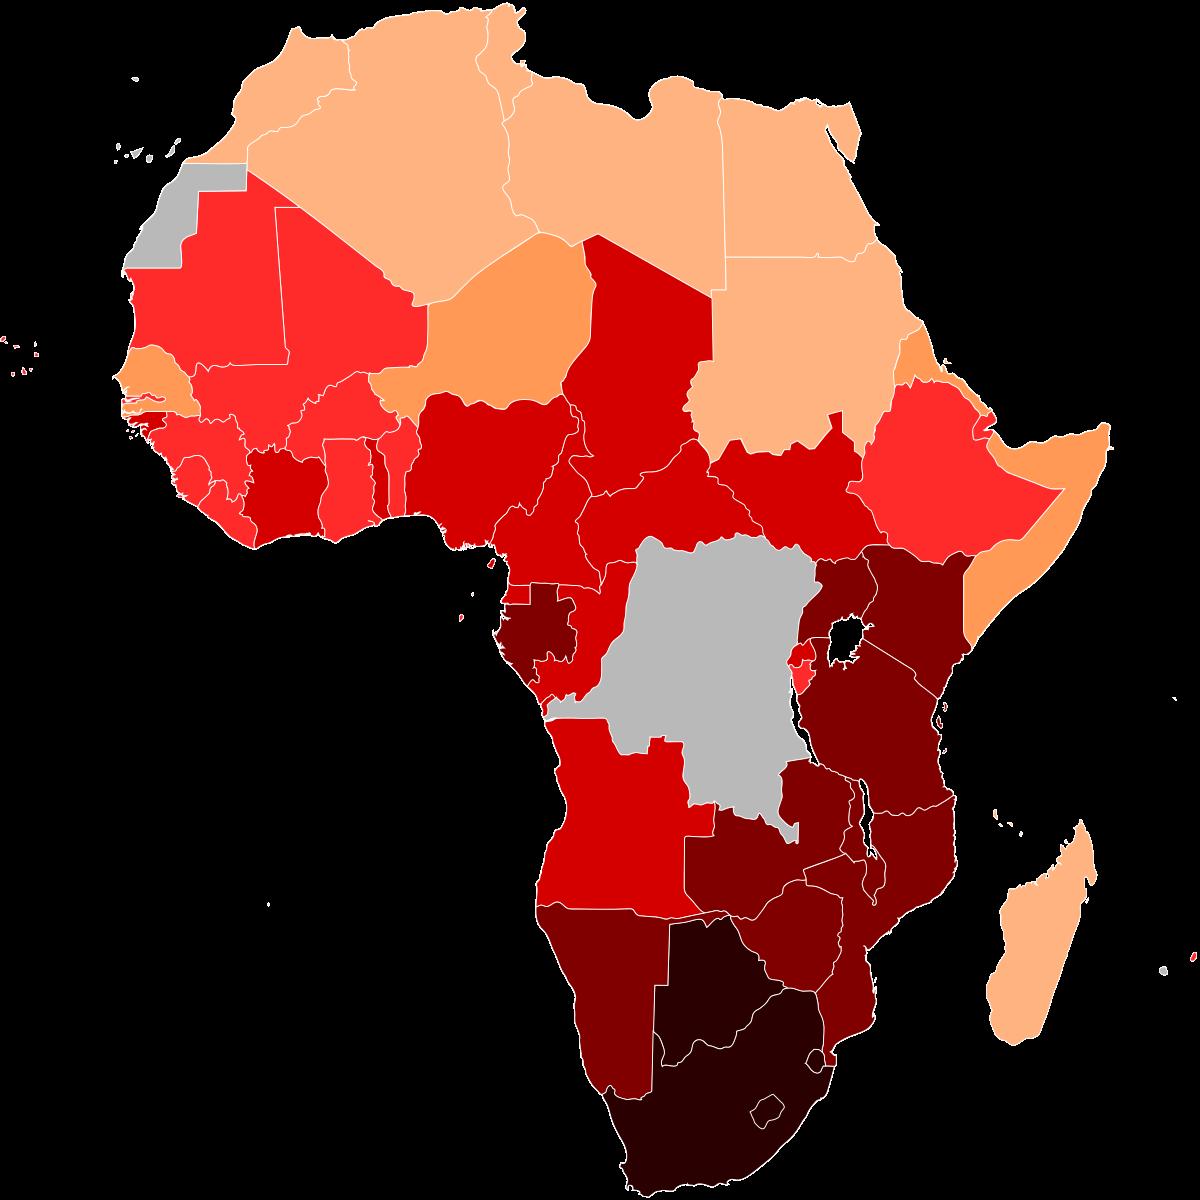 В ЮАР количество больных СПИДом и вич выросло почти на 4 миллиона человек за 17 лет